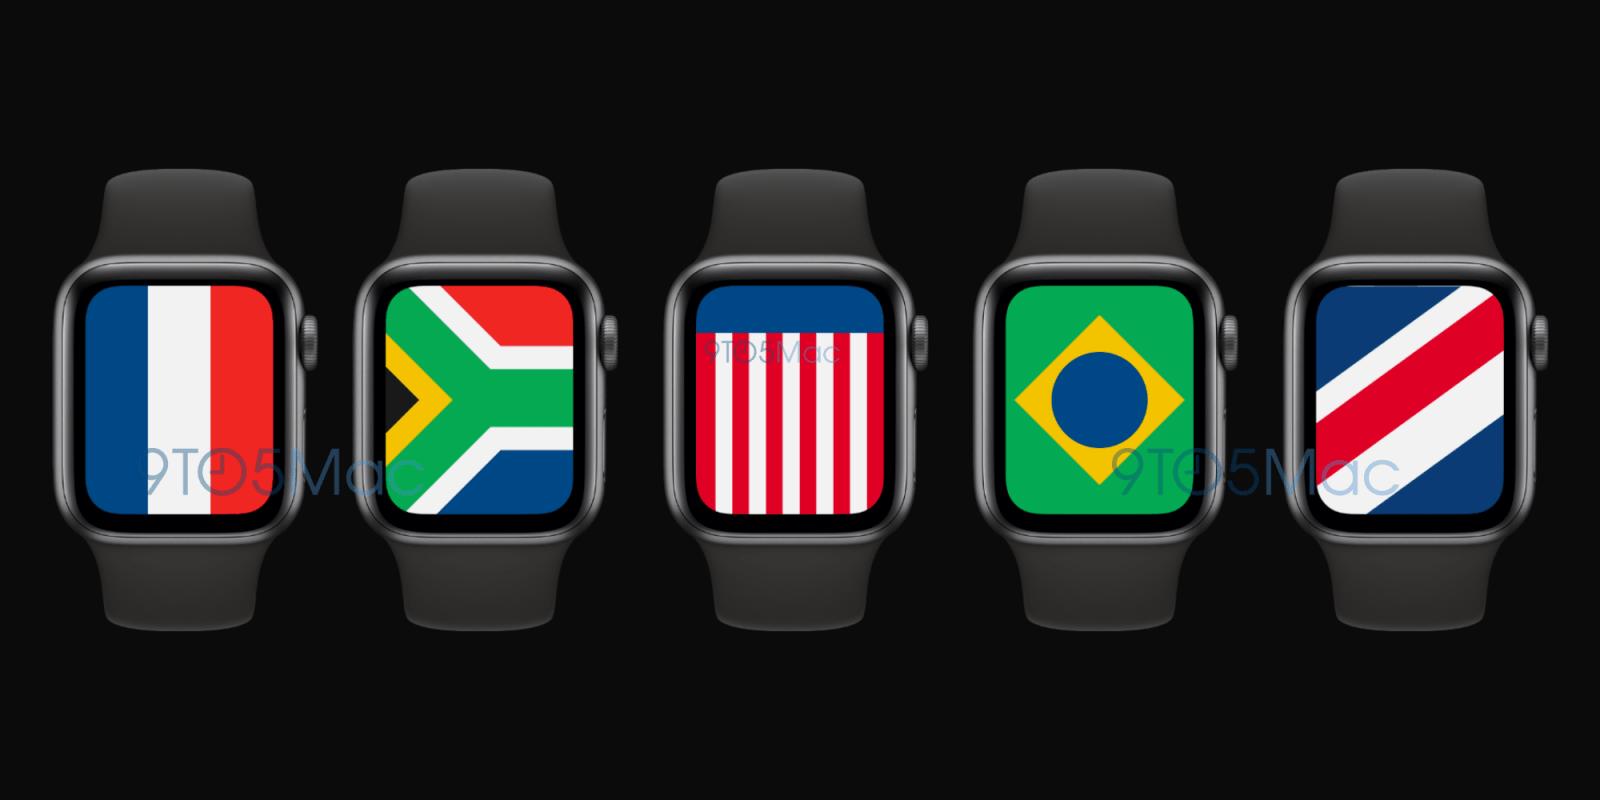 Раскрыты первые подробности о Apple Watch 6 Series (watchos 7 international watch face)